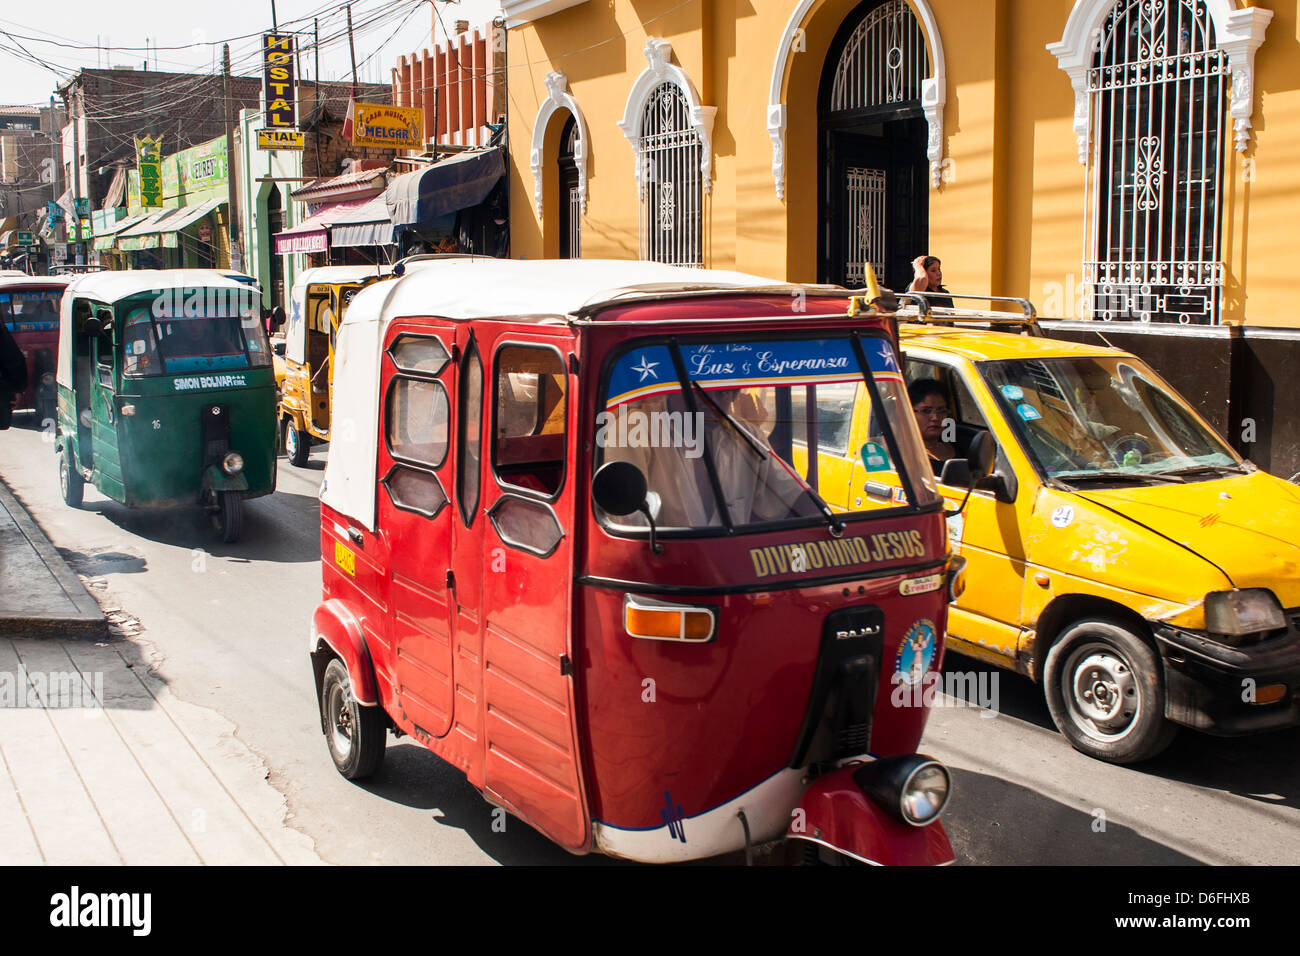 Stau in der Innenstadt von Ica. Stockbild